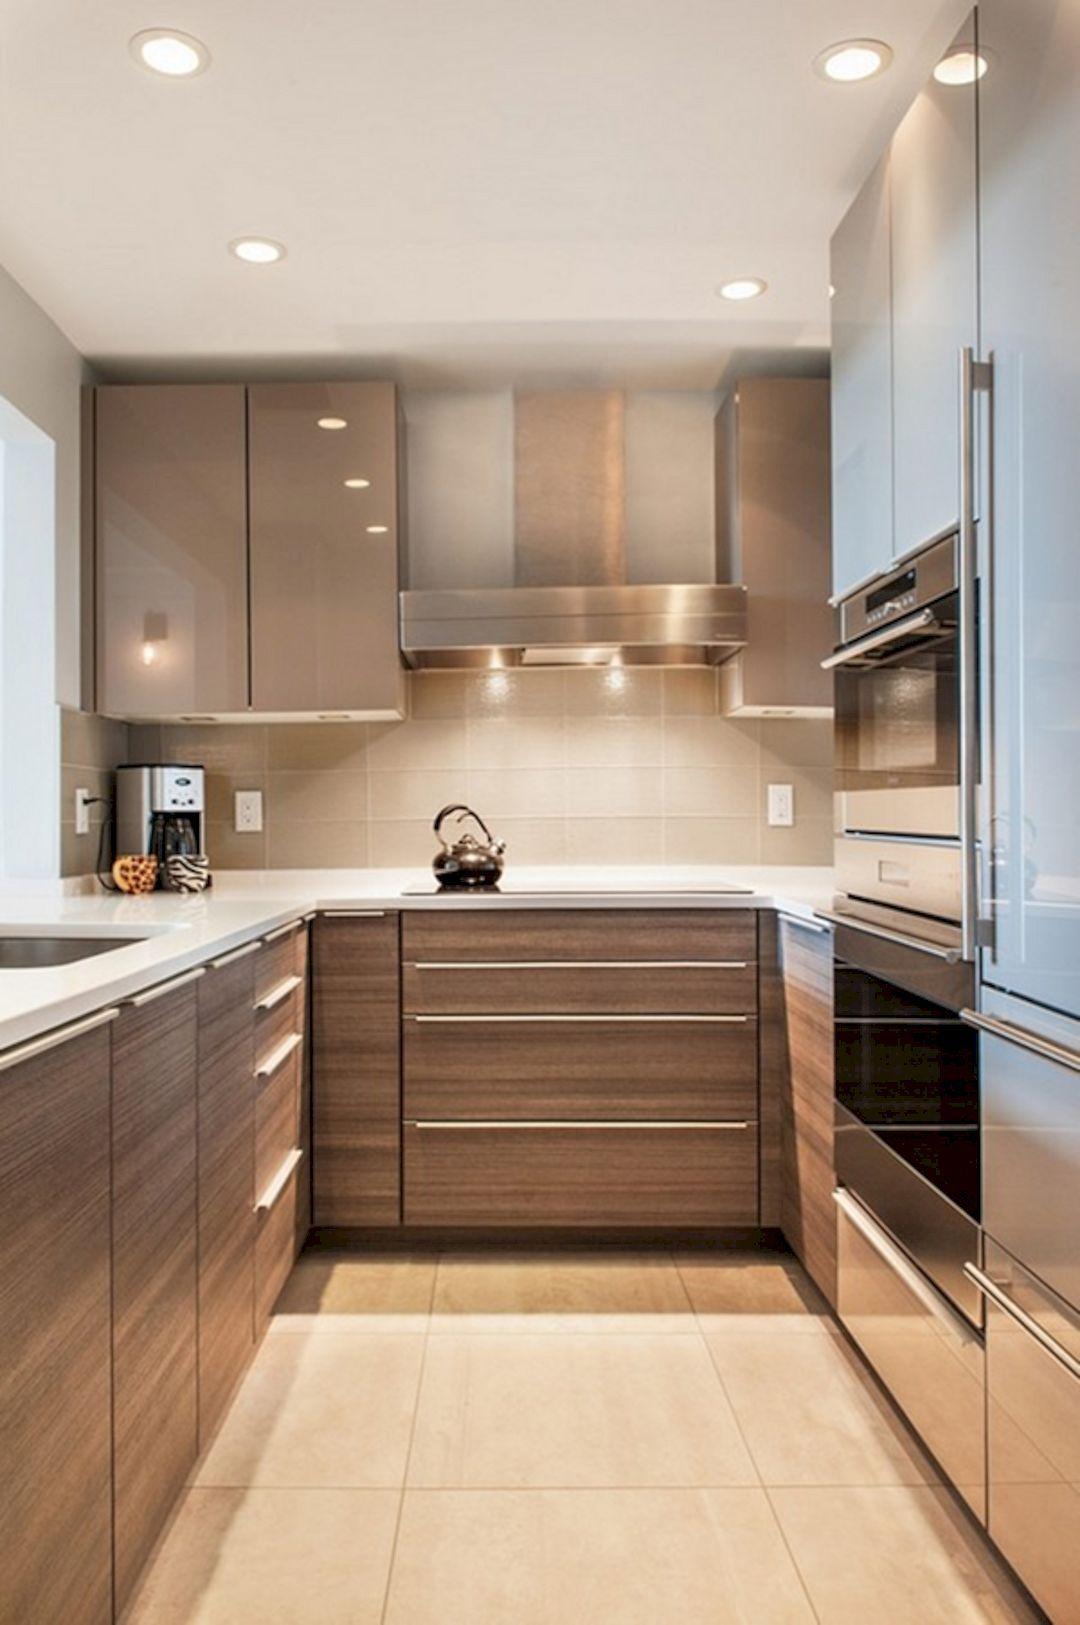 Stylish Modern Kitchen Cabinet: 127 Design Ideas | Furniture Design on kitchen microwave cabinet ideas, kitchen oven cabinet ideas, kitchen refrigerator cabinet ideas, kitchen trash compactor cabinet ideas,